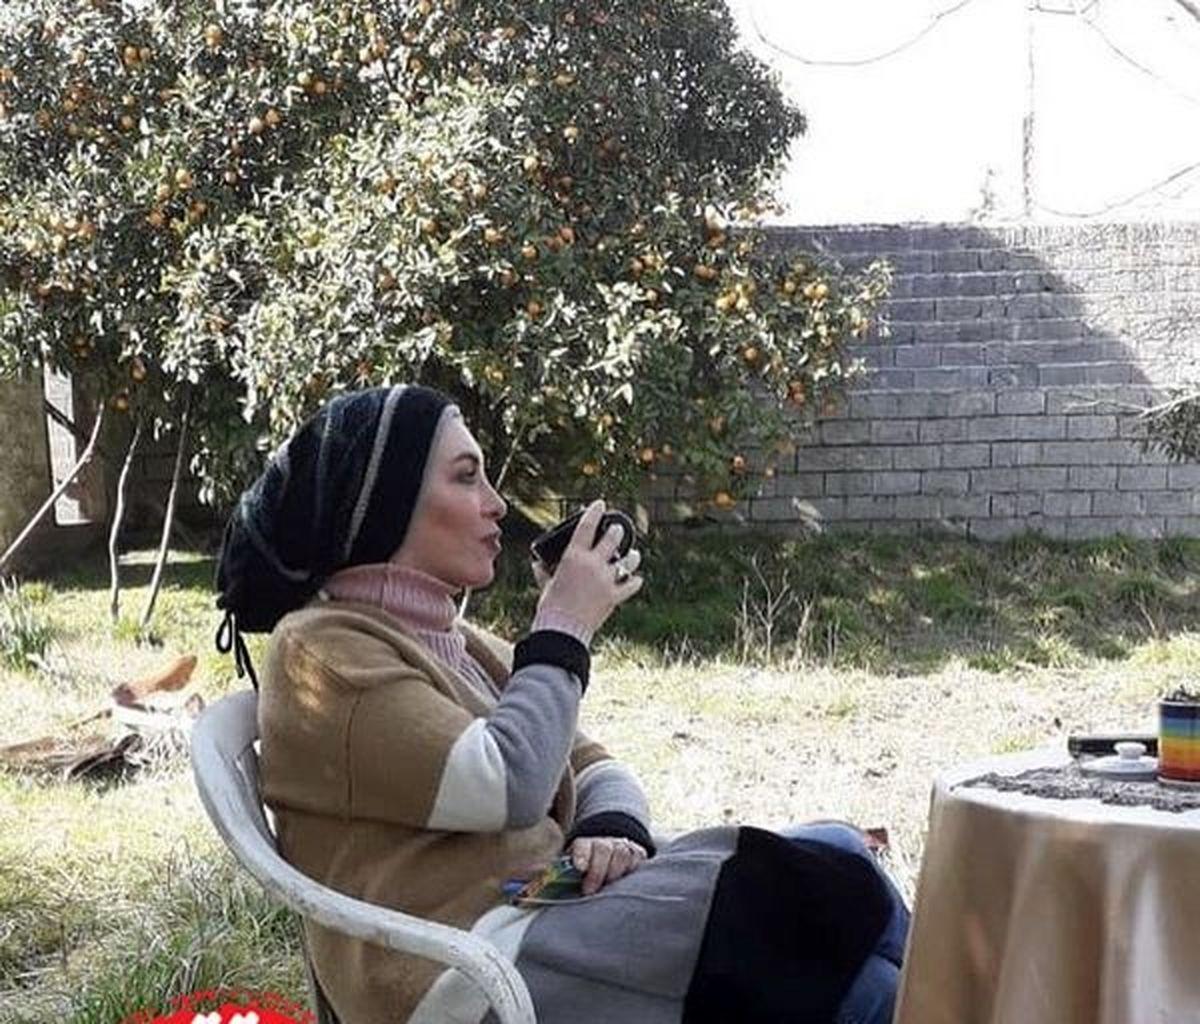 افسانه بایگان در ویلای لاکچری اش + عکس